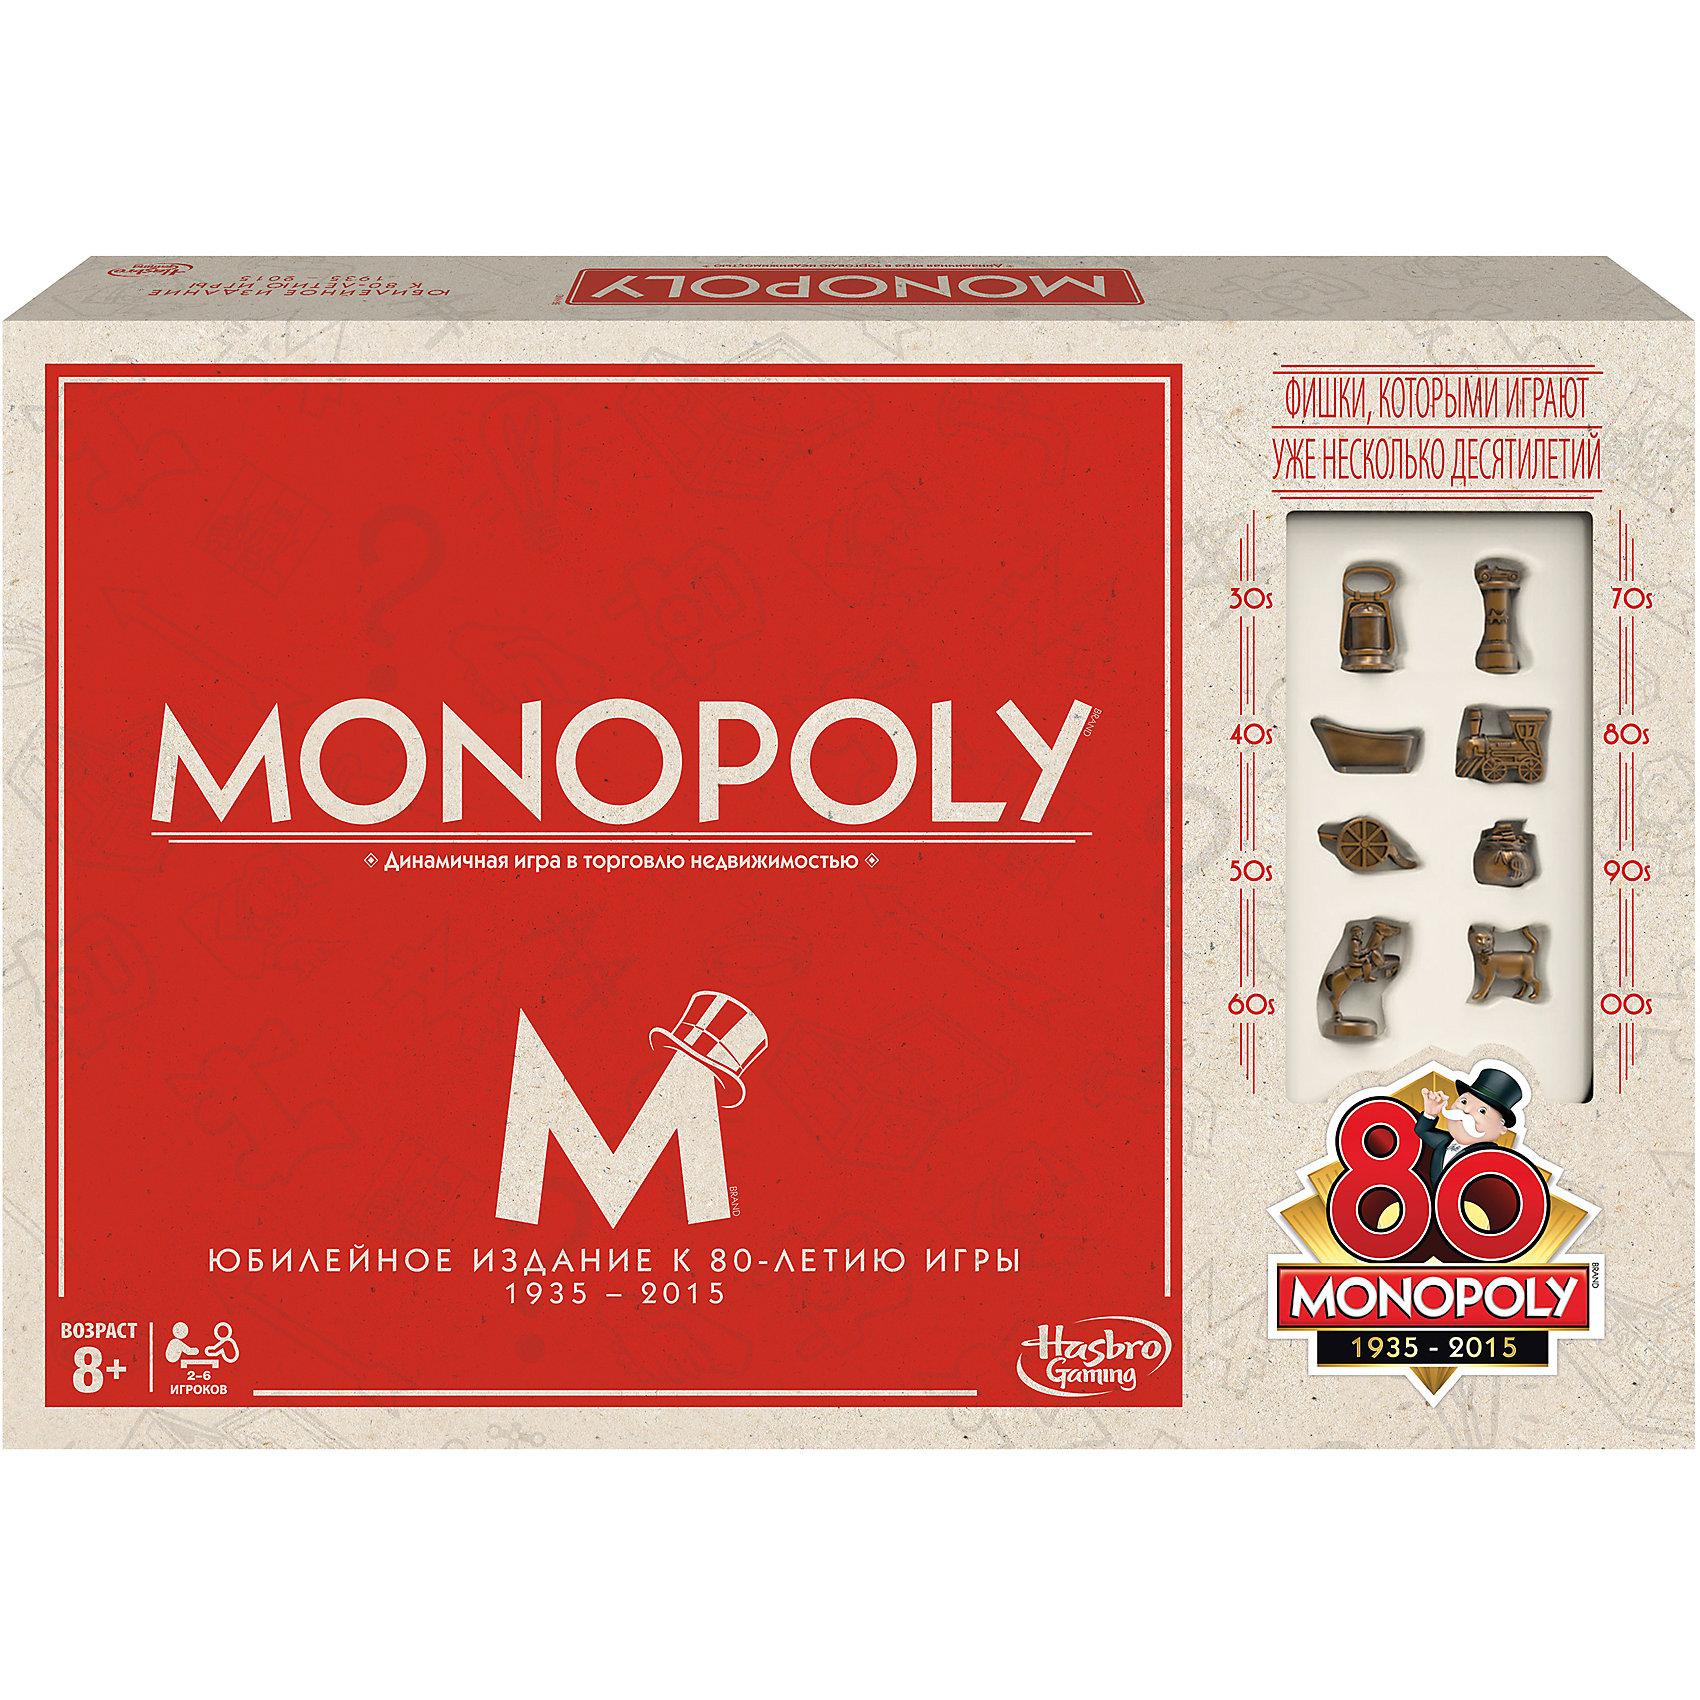 Юбилейный выпуск Монополии 80 лет, HasbroЮбилейный выпуск Монополии. В игре собраны фишки, которые изобретались в разные годы, начиная с 1935. Поле и карточки также выдержаны в ретро-стиле. Отличный подарок для поклонников Монополии.<br><br>Дополнительная информация:<br>- Металлические ретро-фигурки: наездник, ванна, кошка, пушка, мешок с купюрами, фонарь, паровоз и автомобиль-памятник;<br>- Фишки домов и отелей сделаны из дерева;<br>- На картах Шанса и Общественной казны оригинальные иллюстрации 1930-х годов.<br>- На купюрах изображён год юбилейного издания<br><br>Ограниченный юбилейный выпуск одной из лучших стратегических игр Монополия 80 лет можно купить в нашем интернет магазине.<br><br>Ширина мм: 267<br>Глубина мм: 51<br>Высота мм: 400<br>Вес г: 920<br>Возраст от месяцев: 72<br>Возраст до месяцев: 1188<br>Пол: Унисекс<br>Возраст: Детский<br>SKU: 4093890